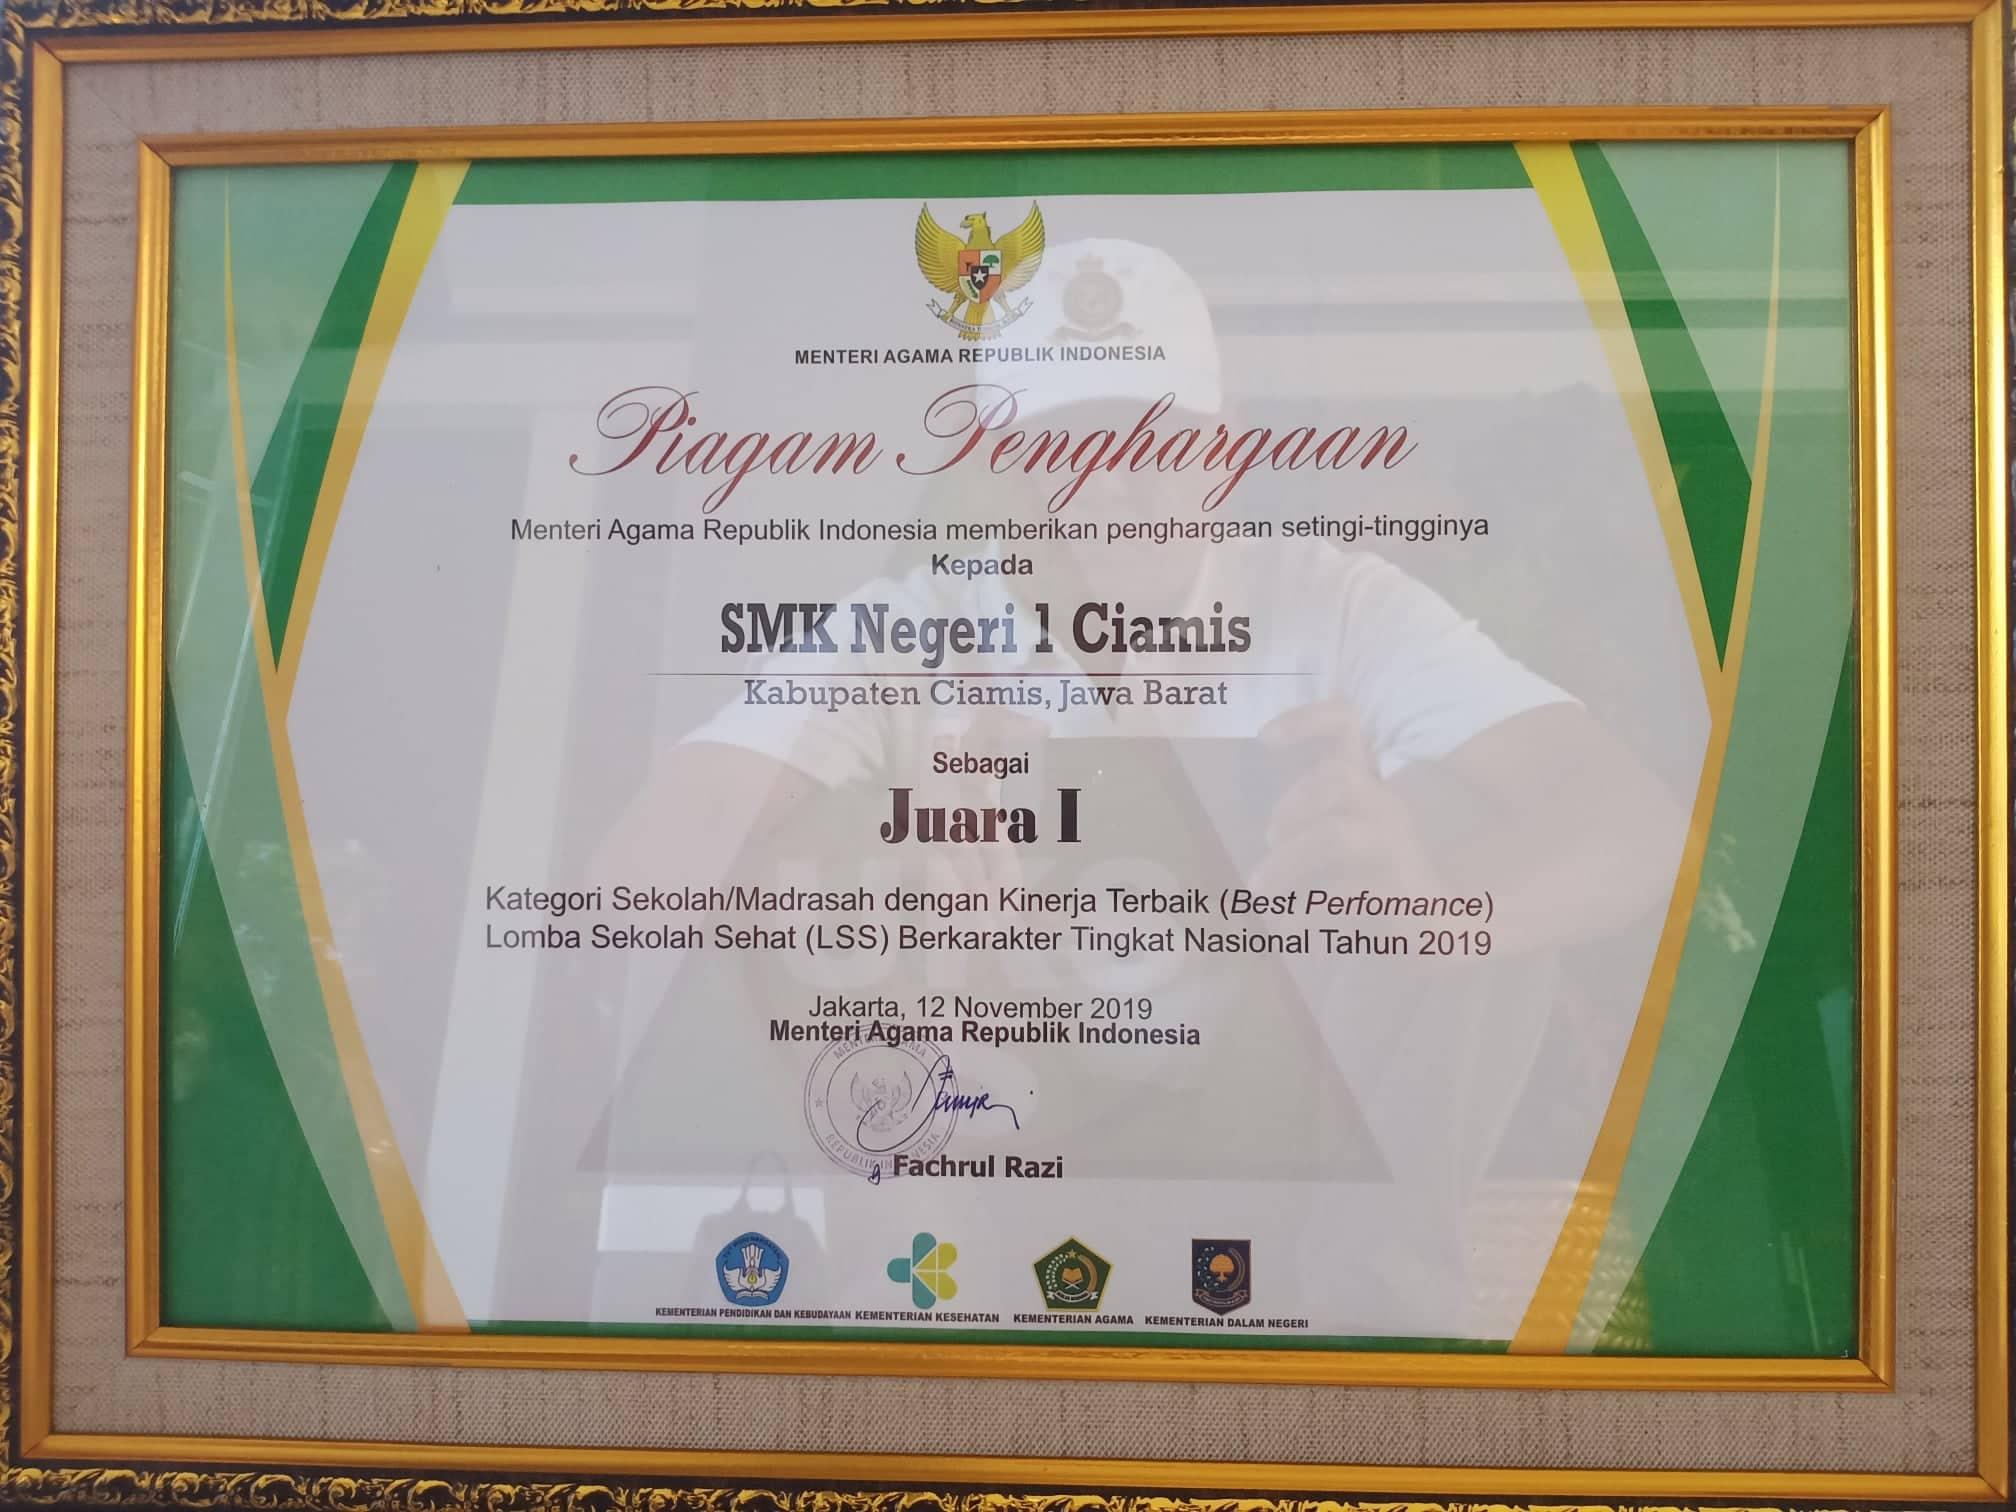 Piagam penghargaan dari Menteri Agama atas keberhasilannya meraih juara I Lomba Sekolah Sehat Berkarakter Tingkat Nasional Tahun 2019.